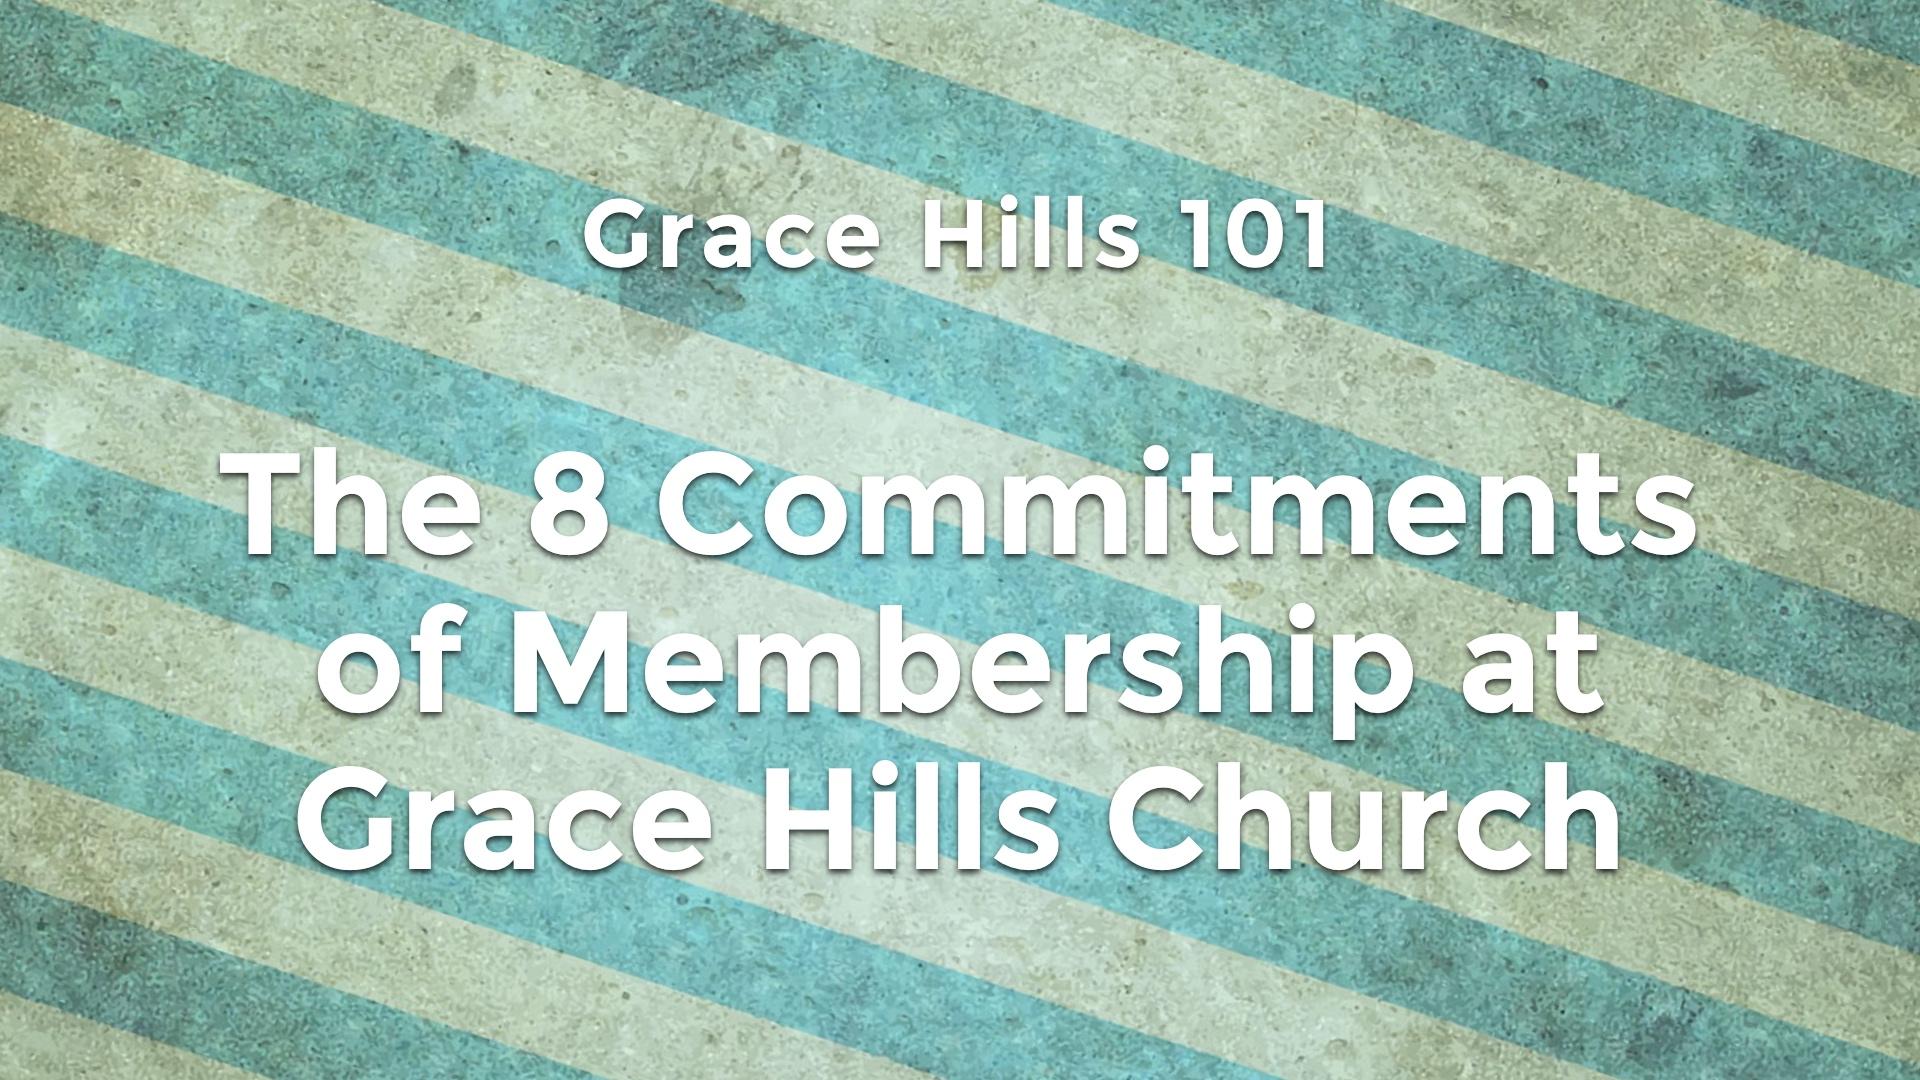 Grace hills 101